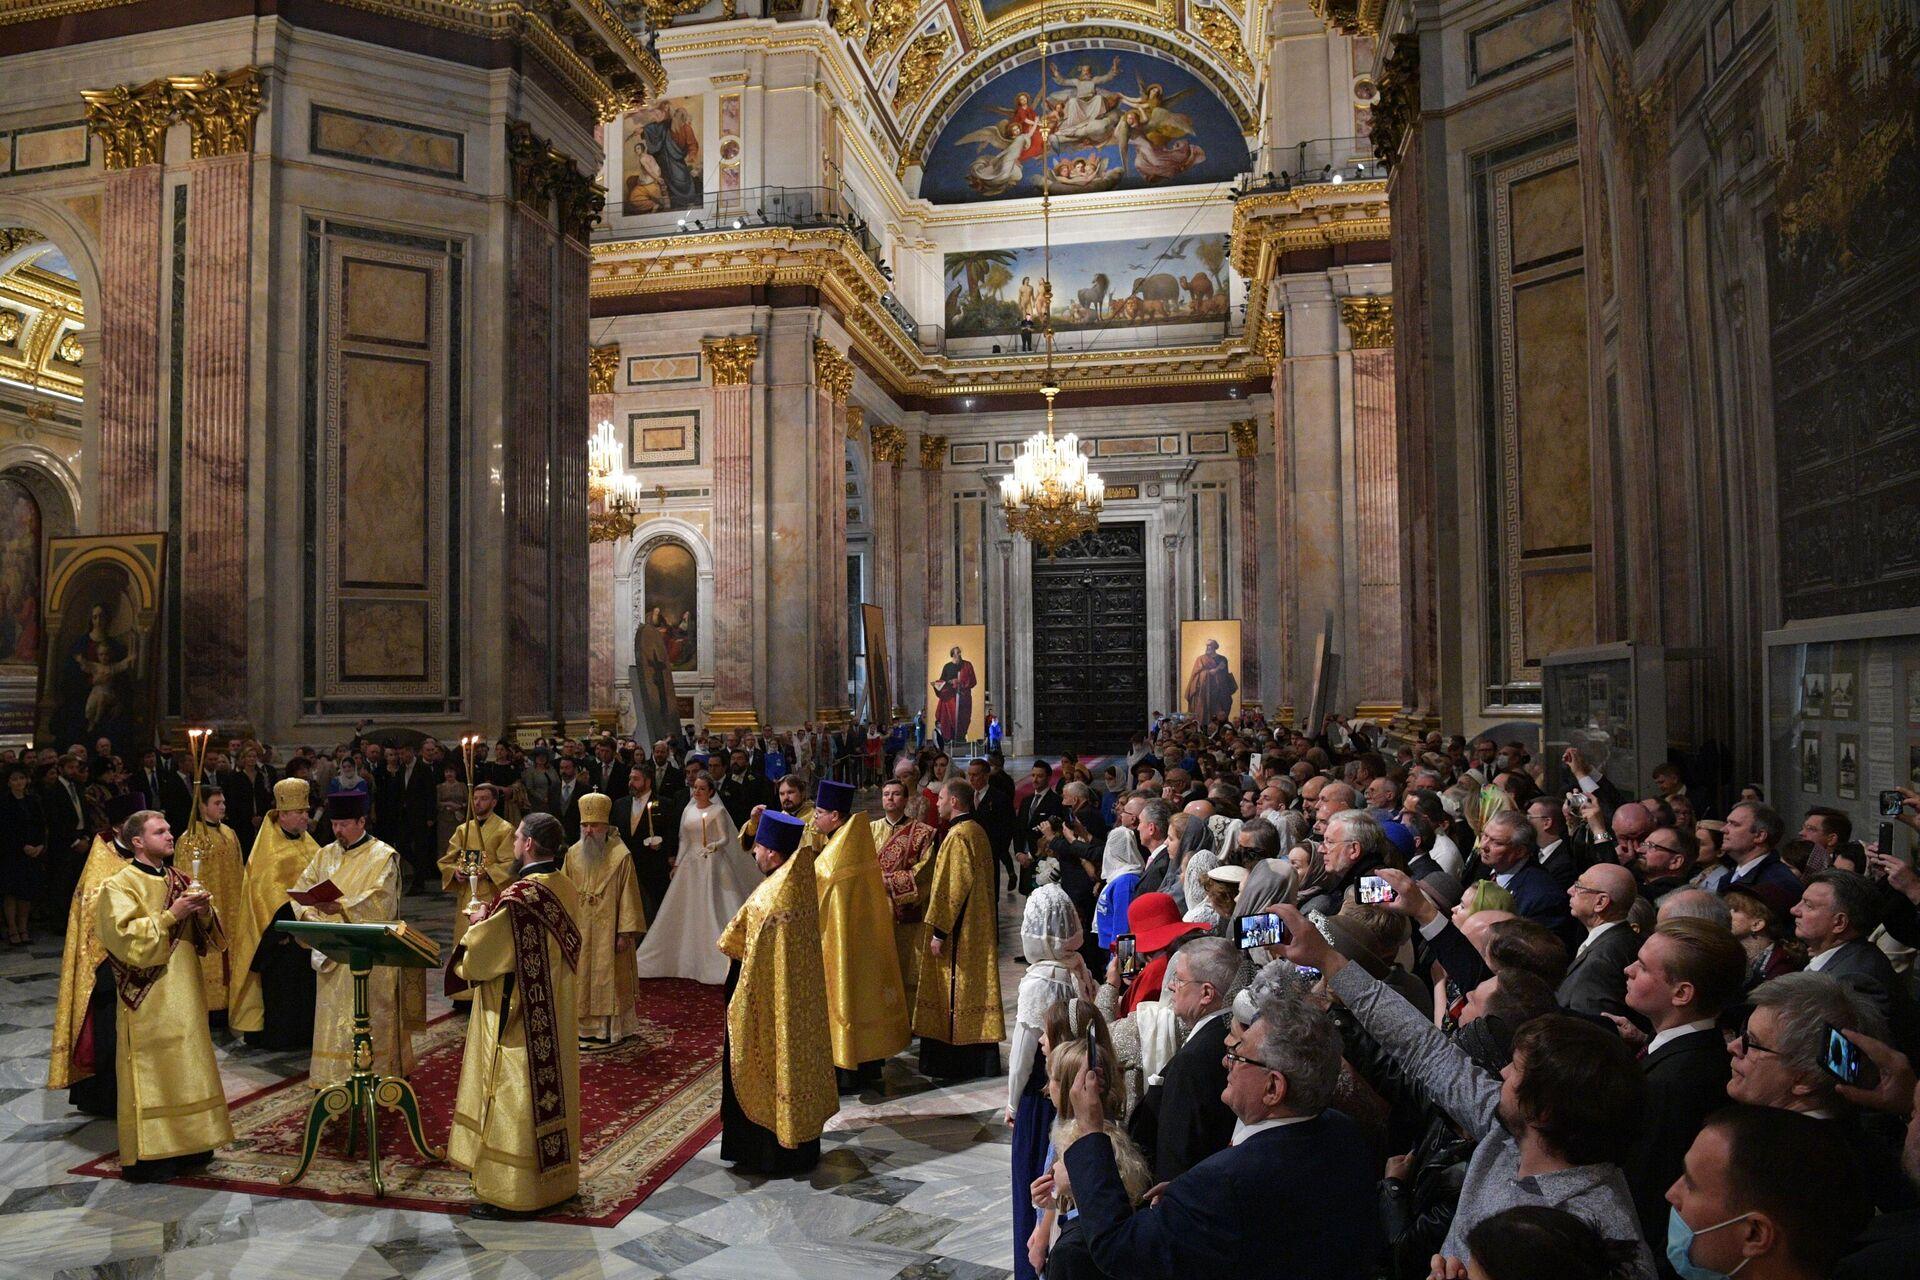 Πλήθος κόσμο στον Καθεδρικό Ναό του Αγίου Ισαάκ στην Αγία Πετρούπολη - Sputnik Ελλάδα, 1920, 01.10.2021